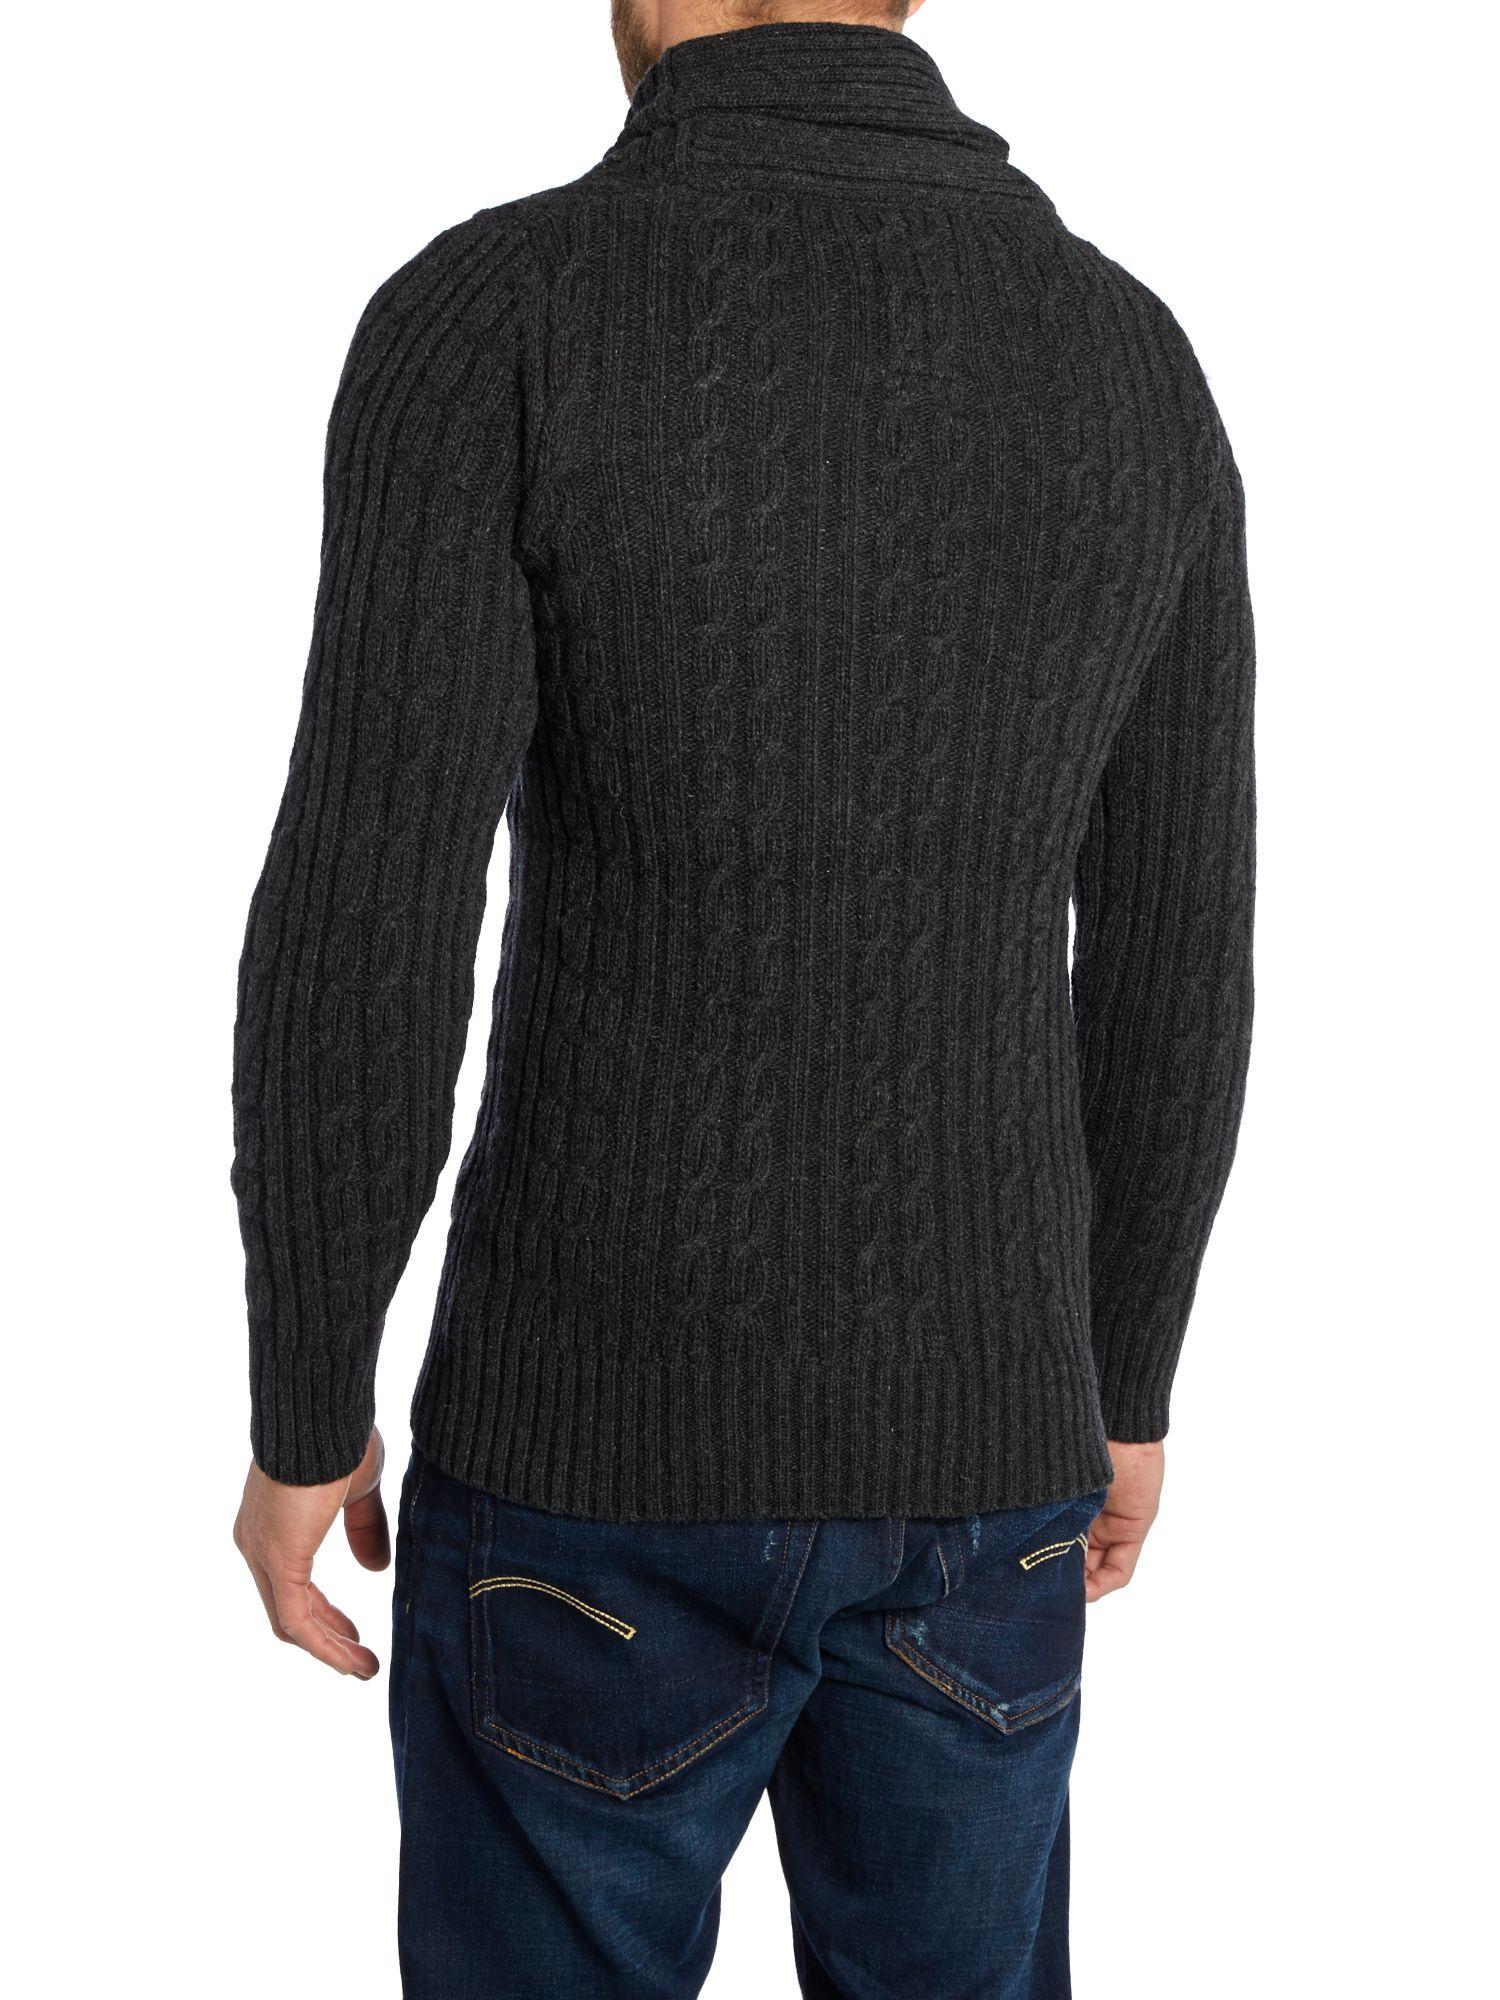 Knitting Cardigan Collar : G star raw shawl collar cable knit cardigan in black for